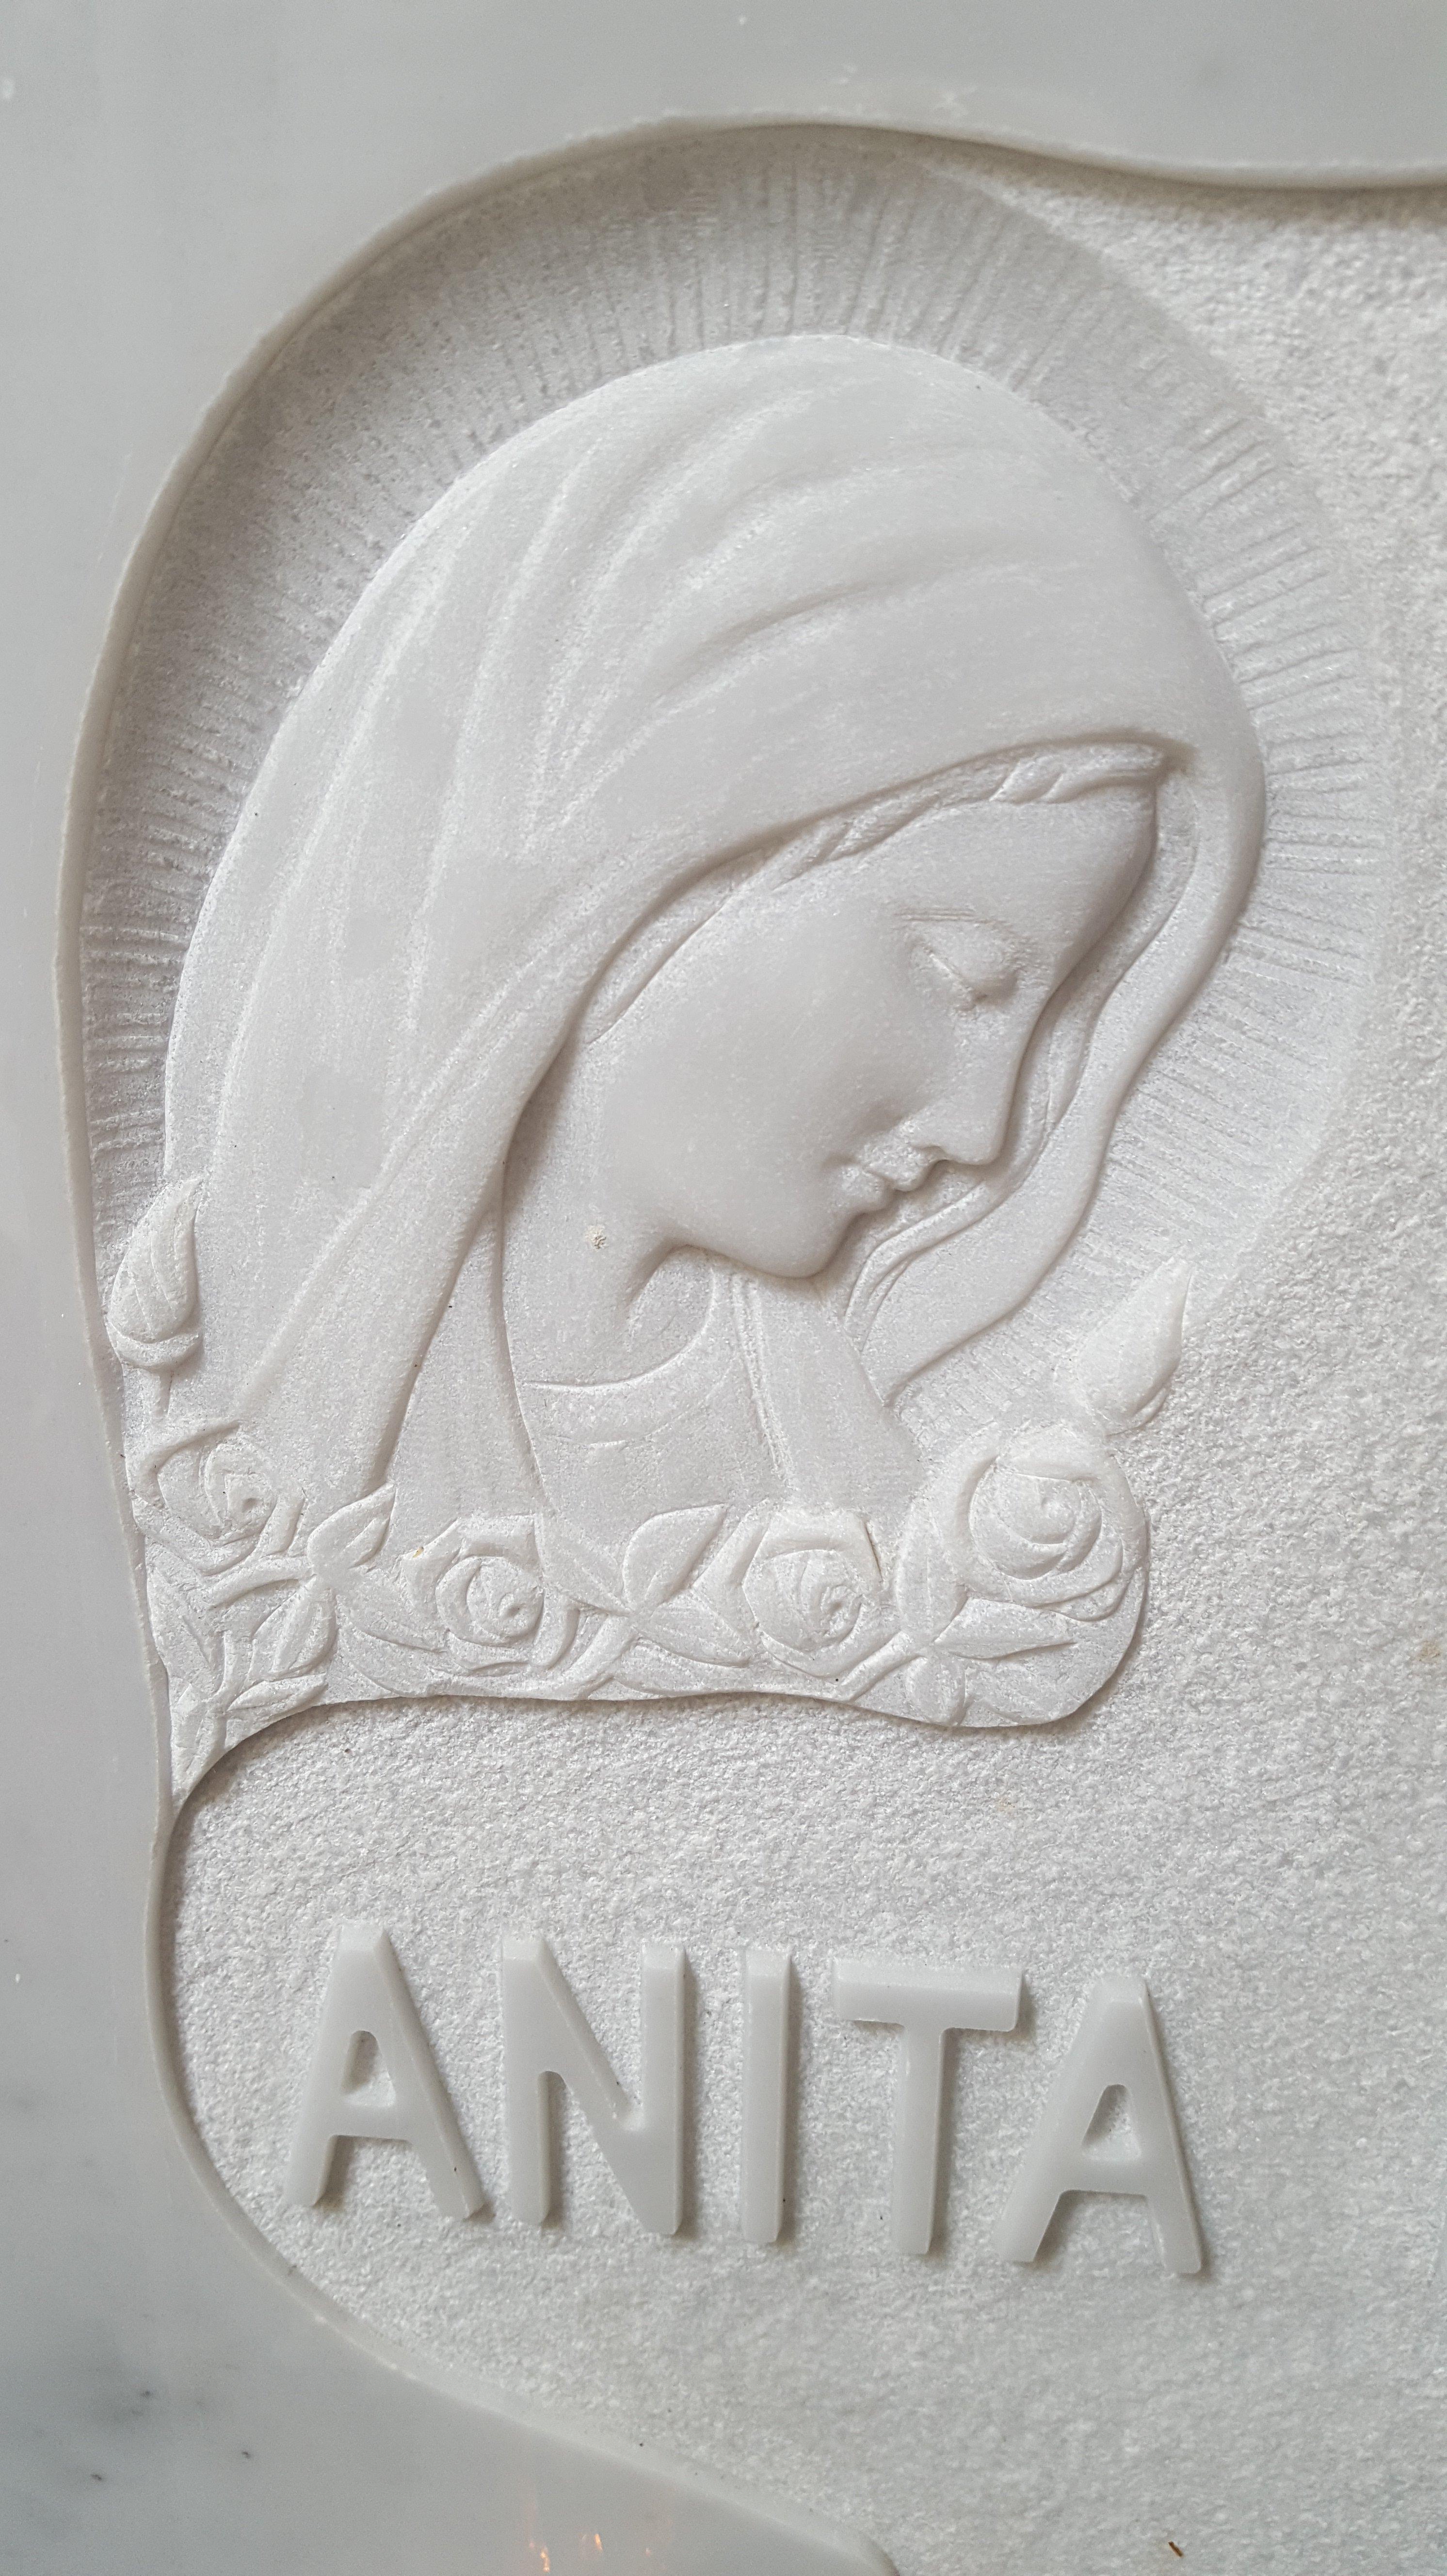 una madonna in rilievo su una lapide